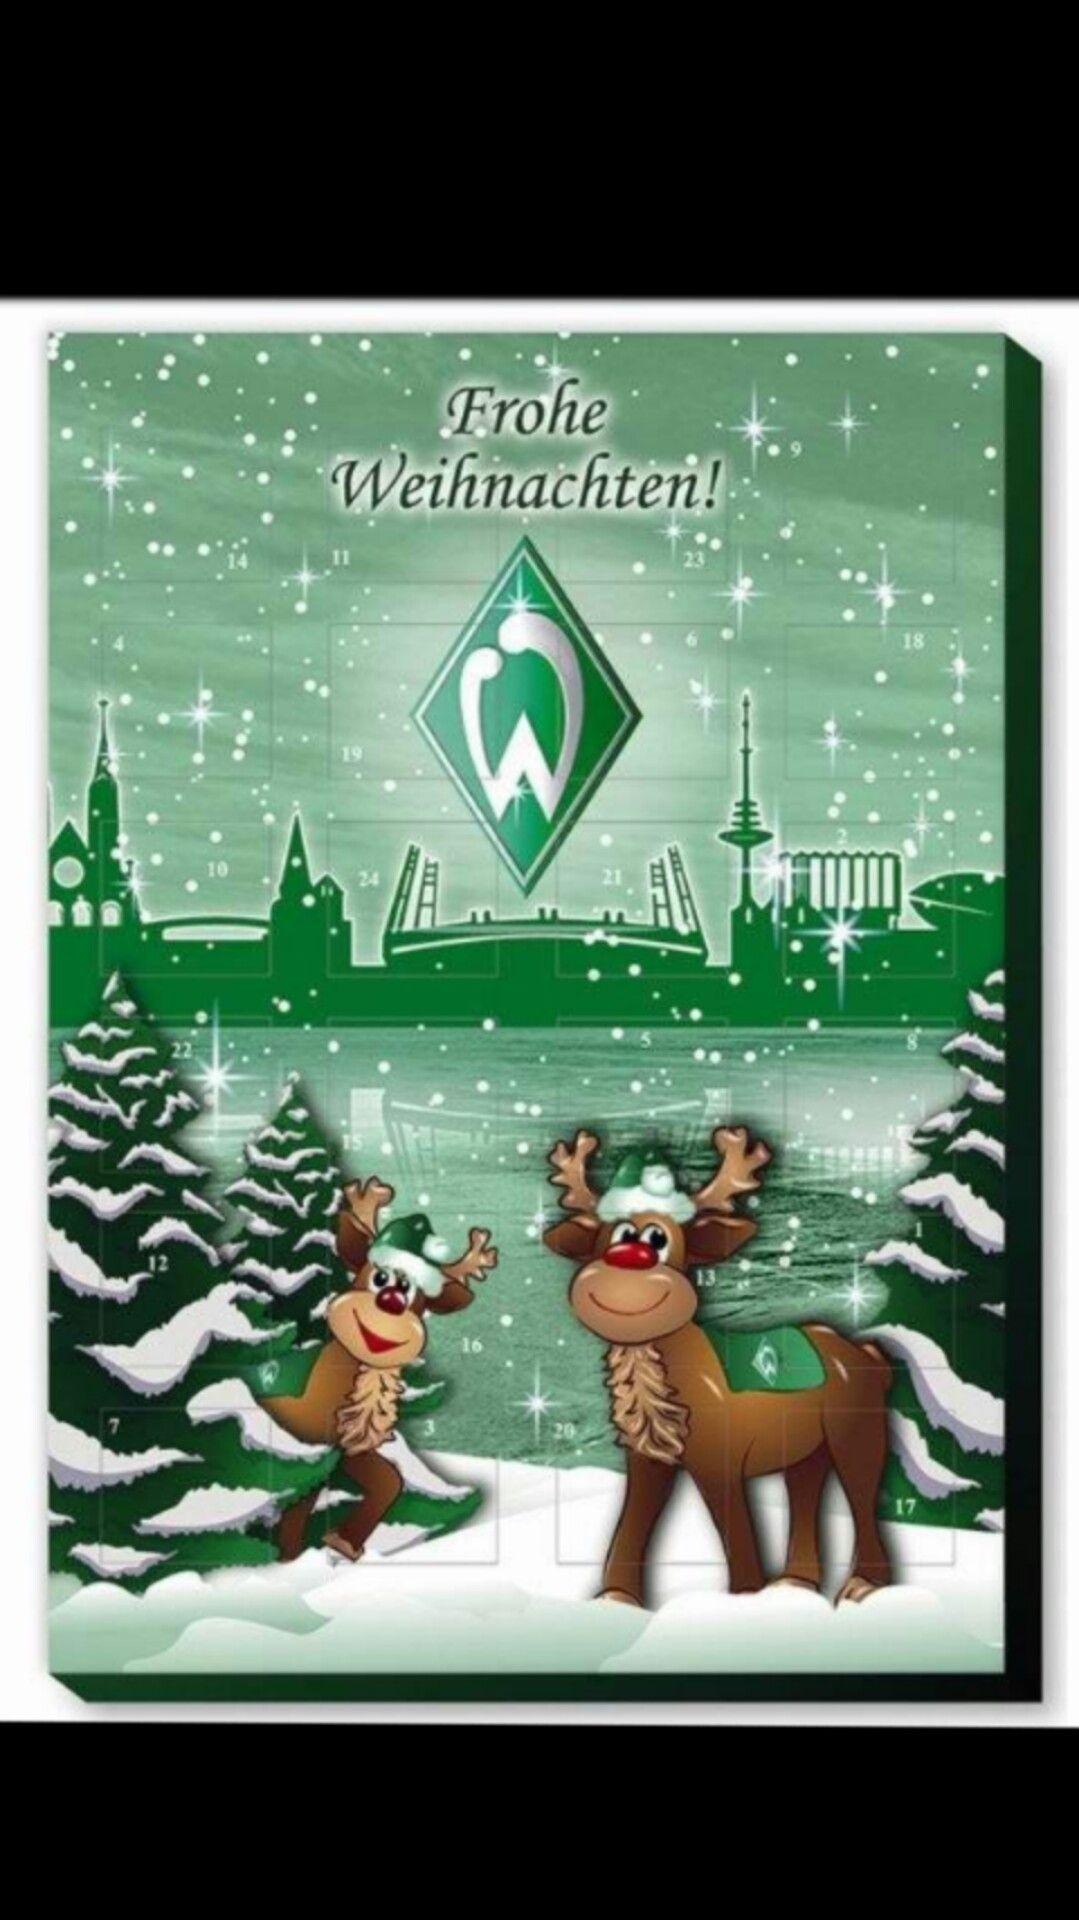 Frohe Weihnachten Werder Bremen.Pin Von Martina Lindenmaier Auf Werder Bremen Werder